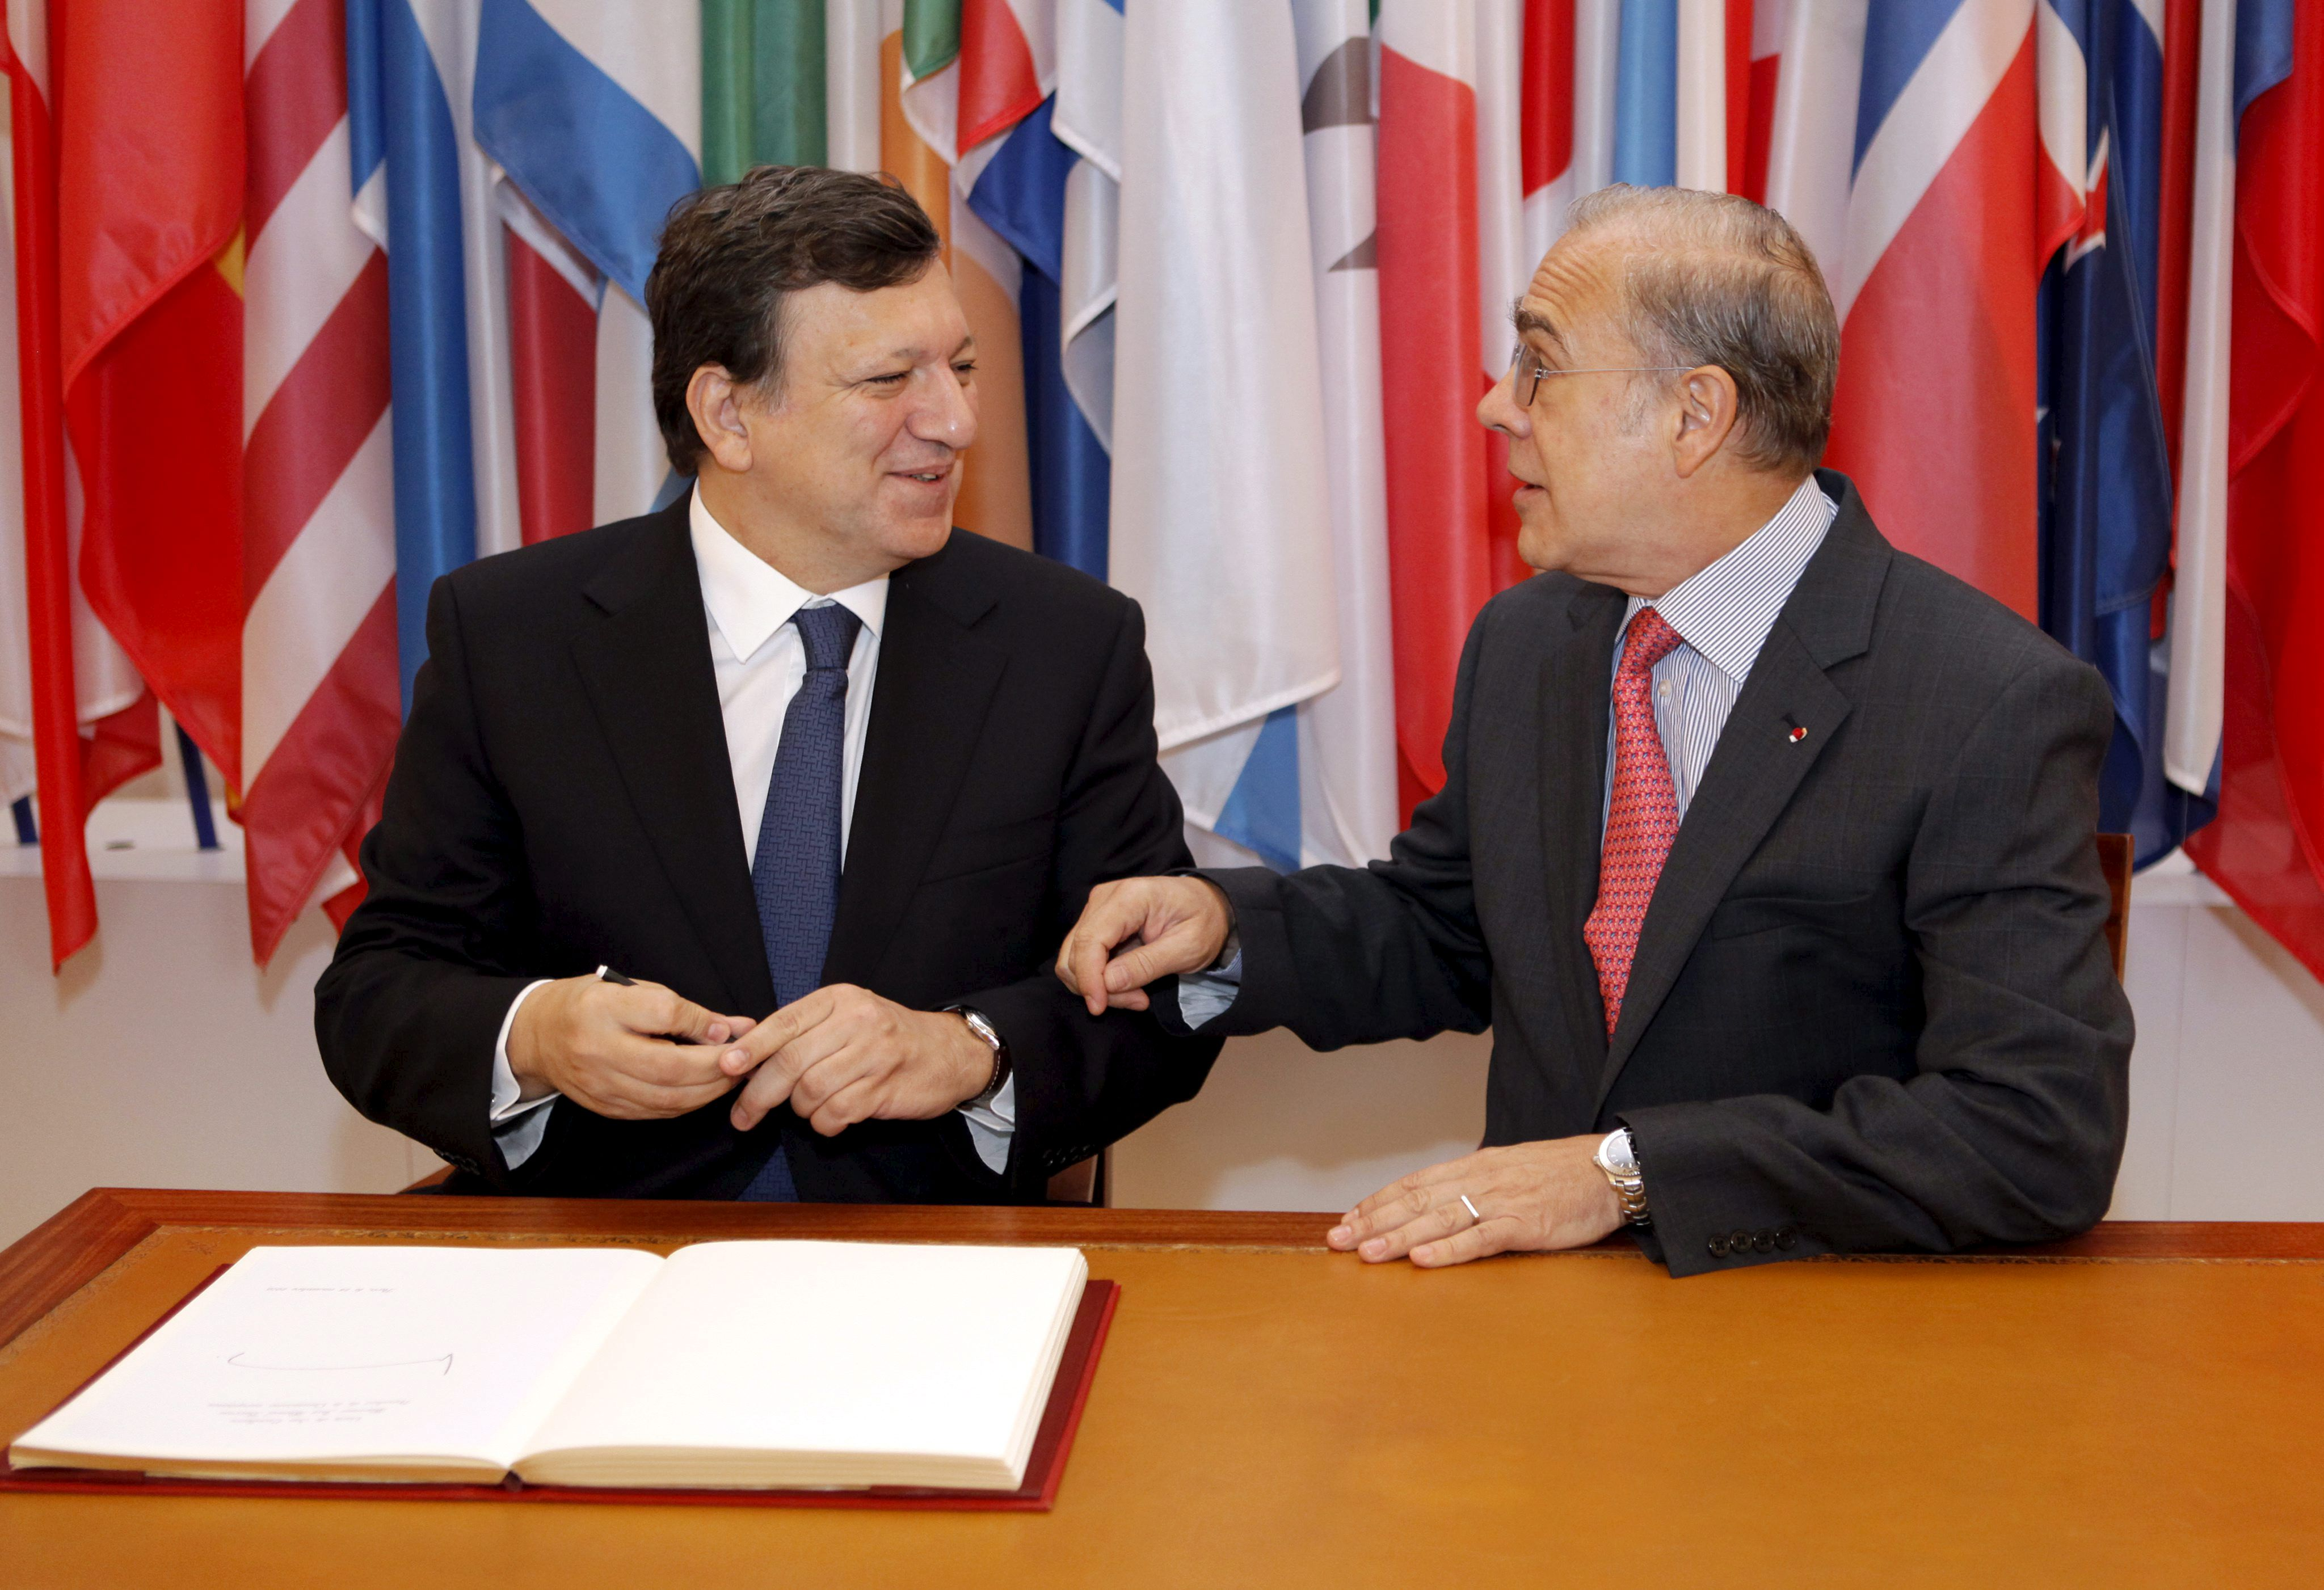 La CE y la OCDE reforzarán su cooperación en empleo juvenil y fraude fiscal